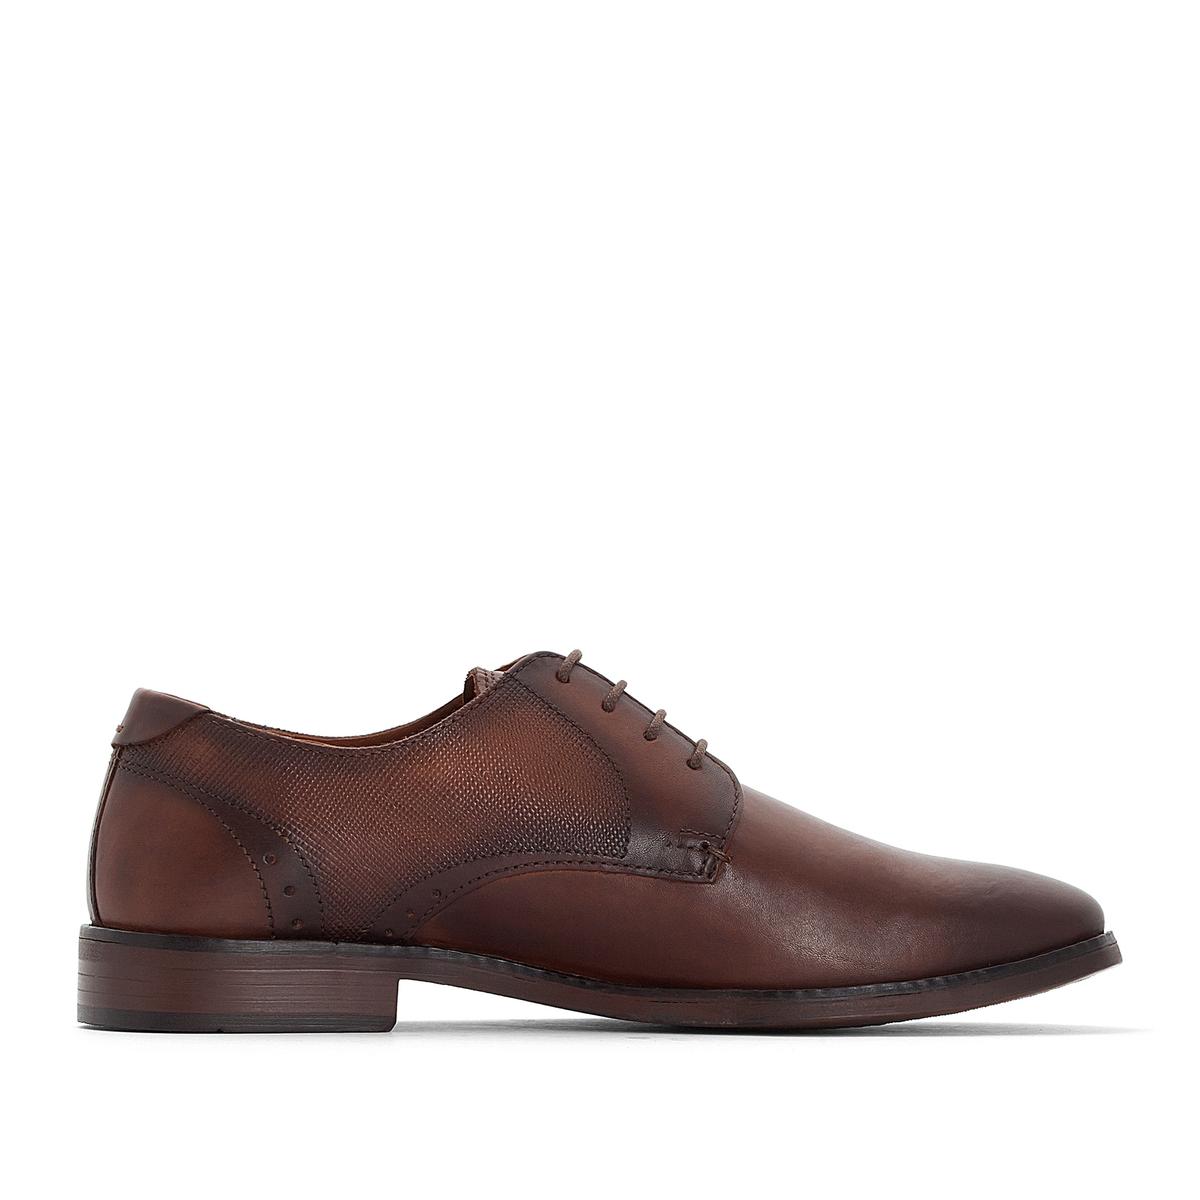 Ботинки-дерби кожаные ZALMA ботинки дерби кожаные gilman cap